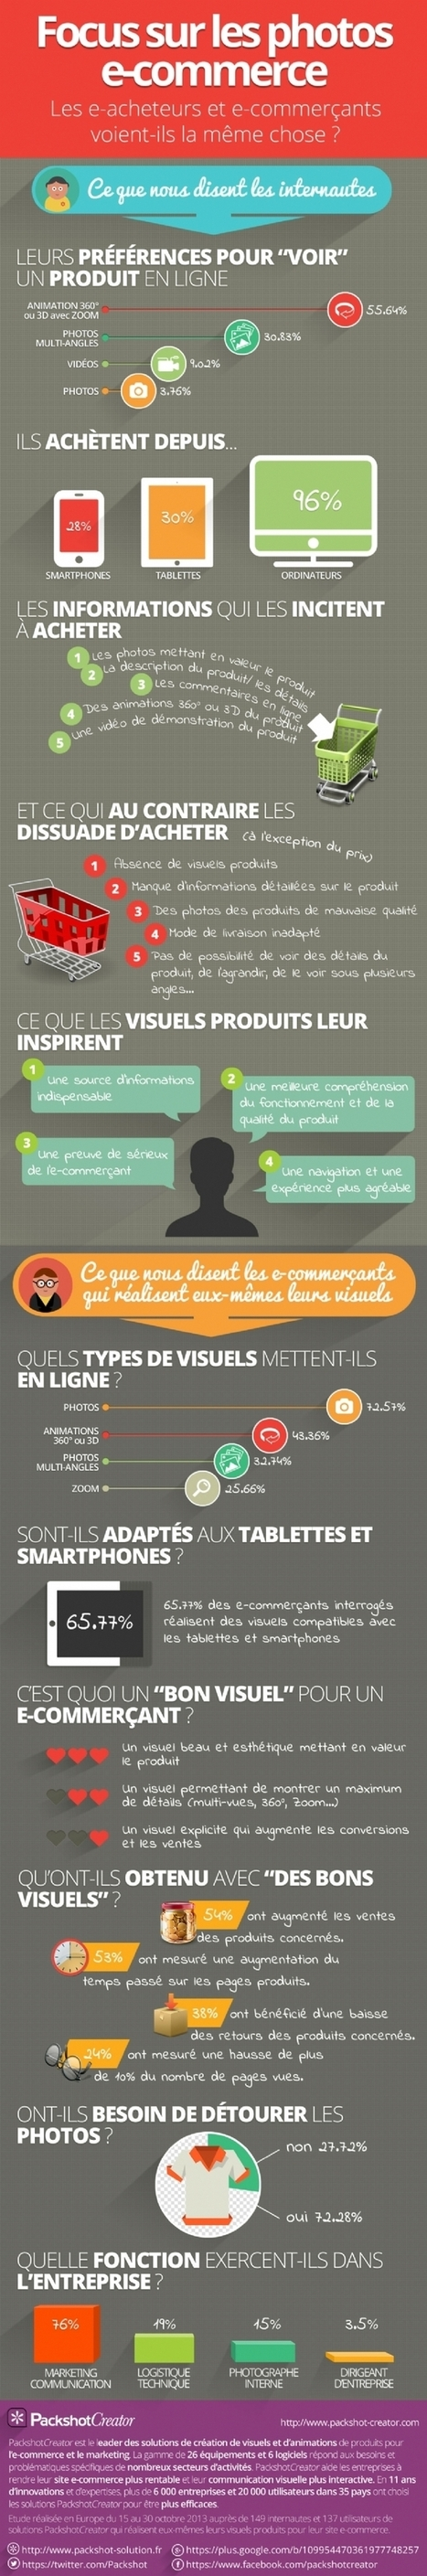 E-commerce : quel est le réel impact des visuels ? | M-commerce | Scoop.it